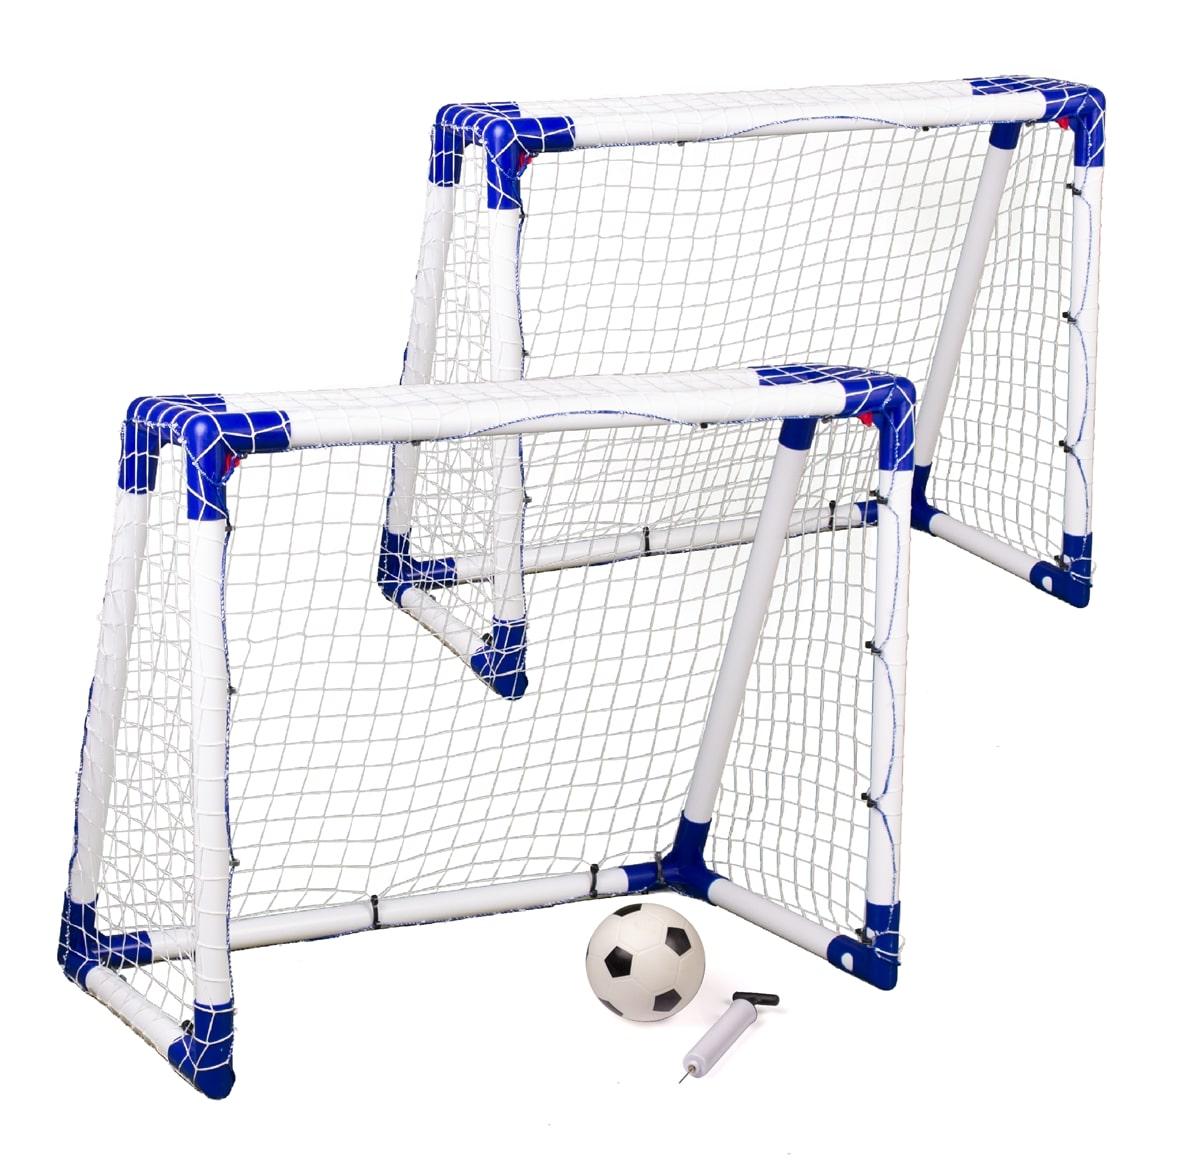 302250.target sport.minimaal.med .bold p - Soccerplay.dk Hos Soccerplay.dk kan du købe fodboldmål, fodboldrebounder samt andet udstyr til spil i haven eller i fodboldklubben. Køb udstyr online idag.